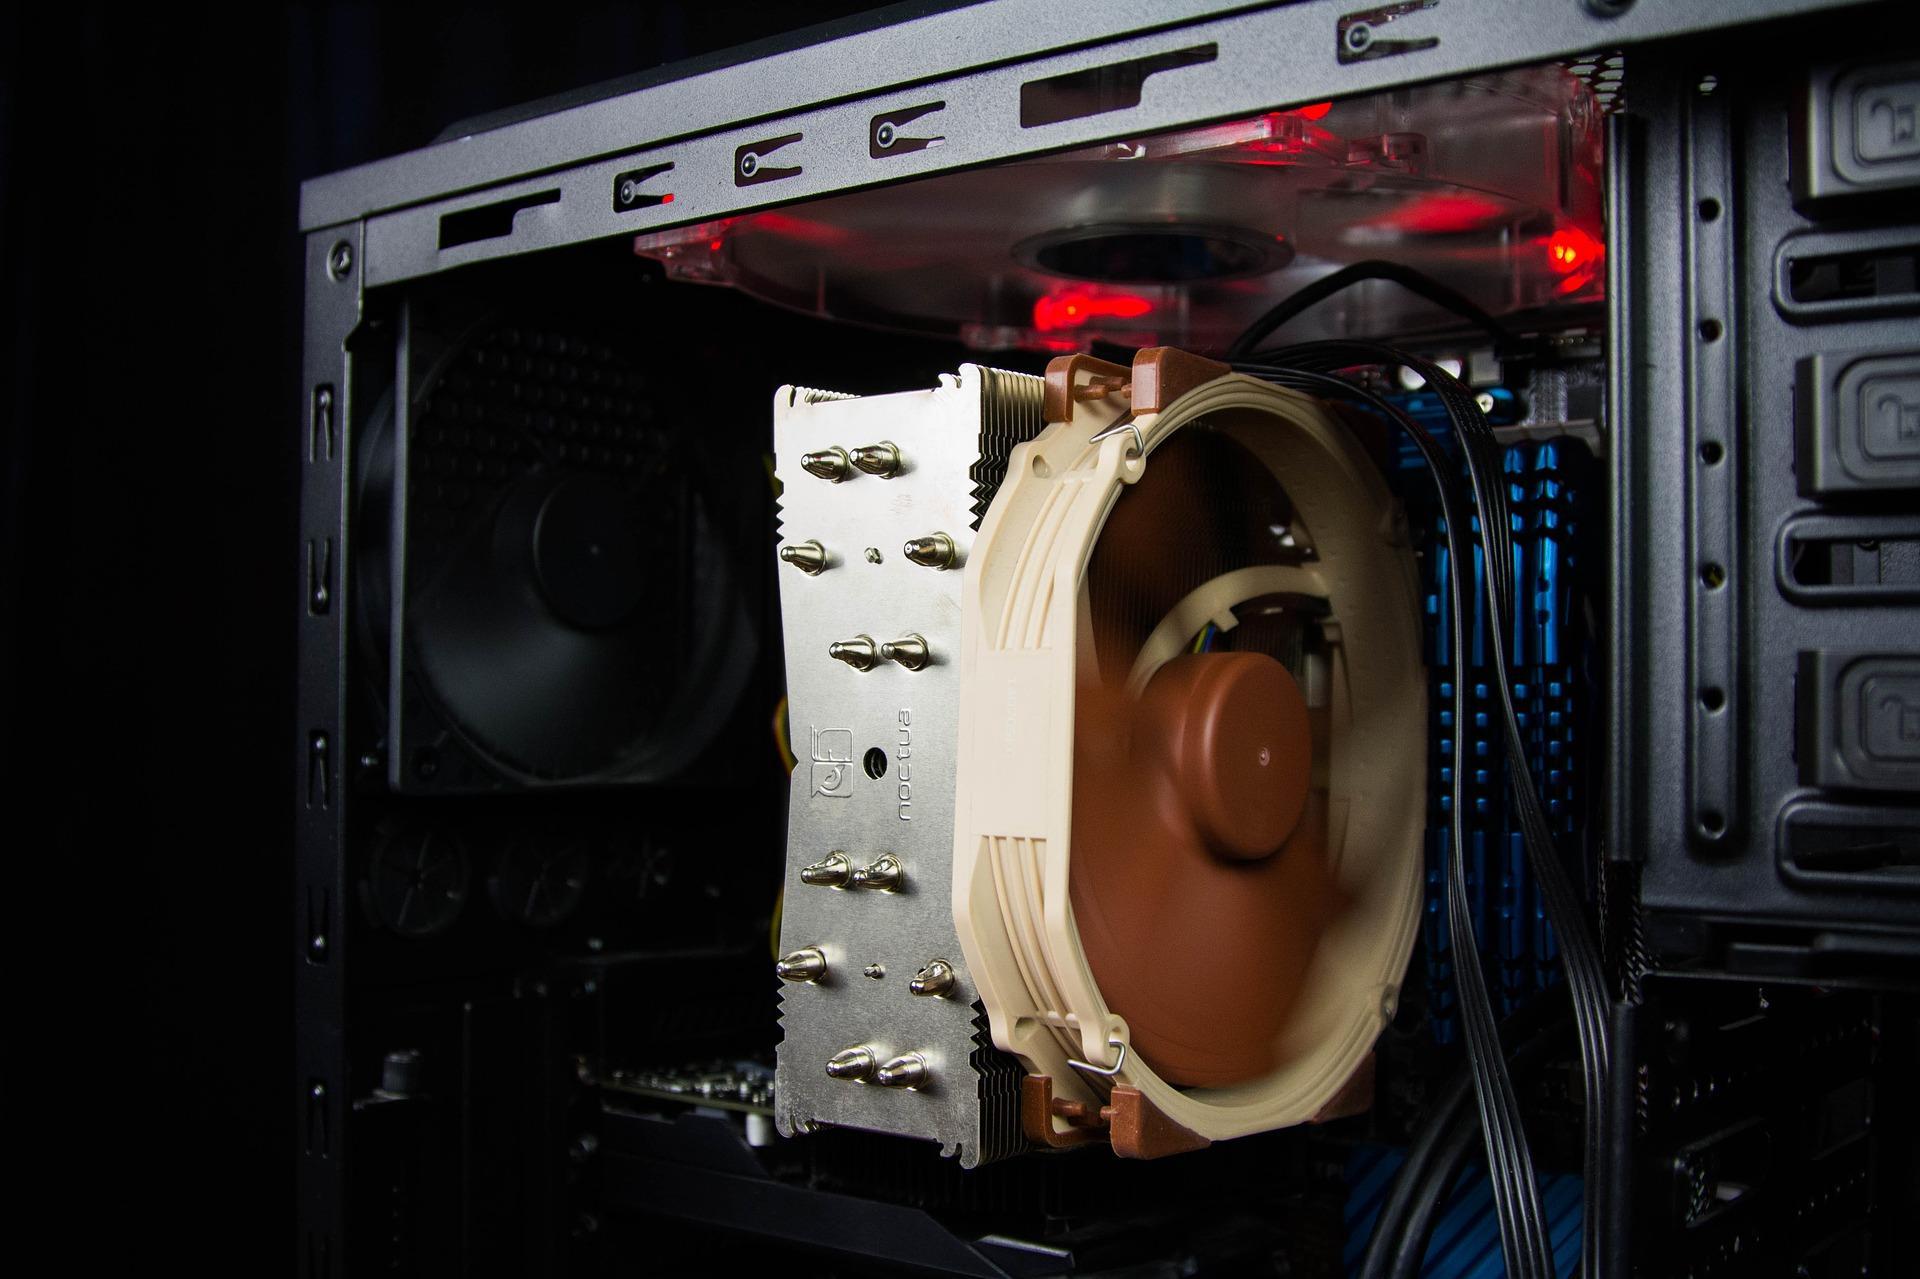 Похищать данные сПКможно, анализируя вибрации вентиляторов внутри